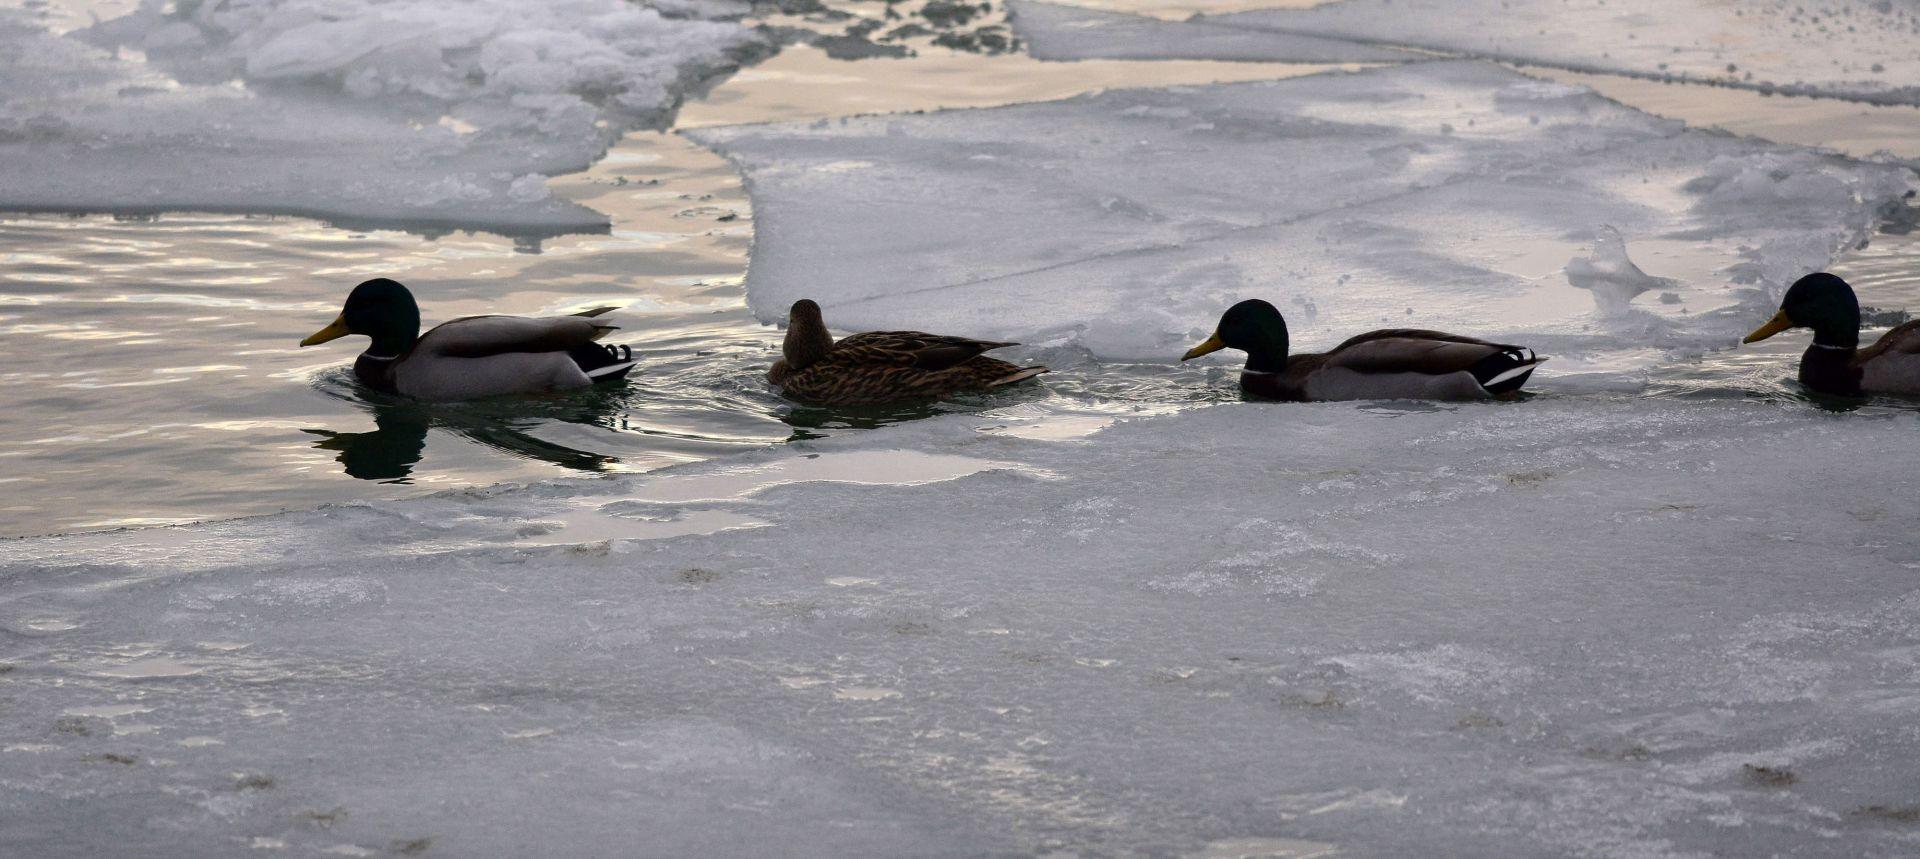 APEL MINISTARSTVU: Zeleni forum traži privremenu zabranu lova na ptice